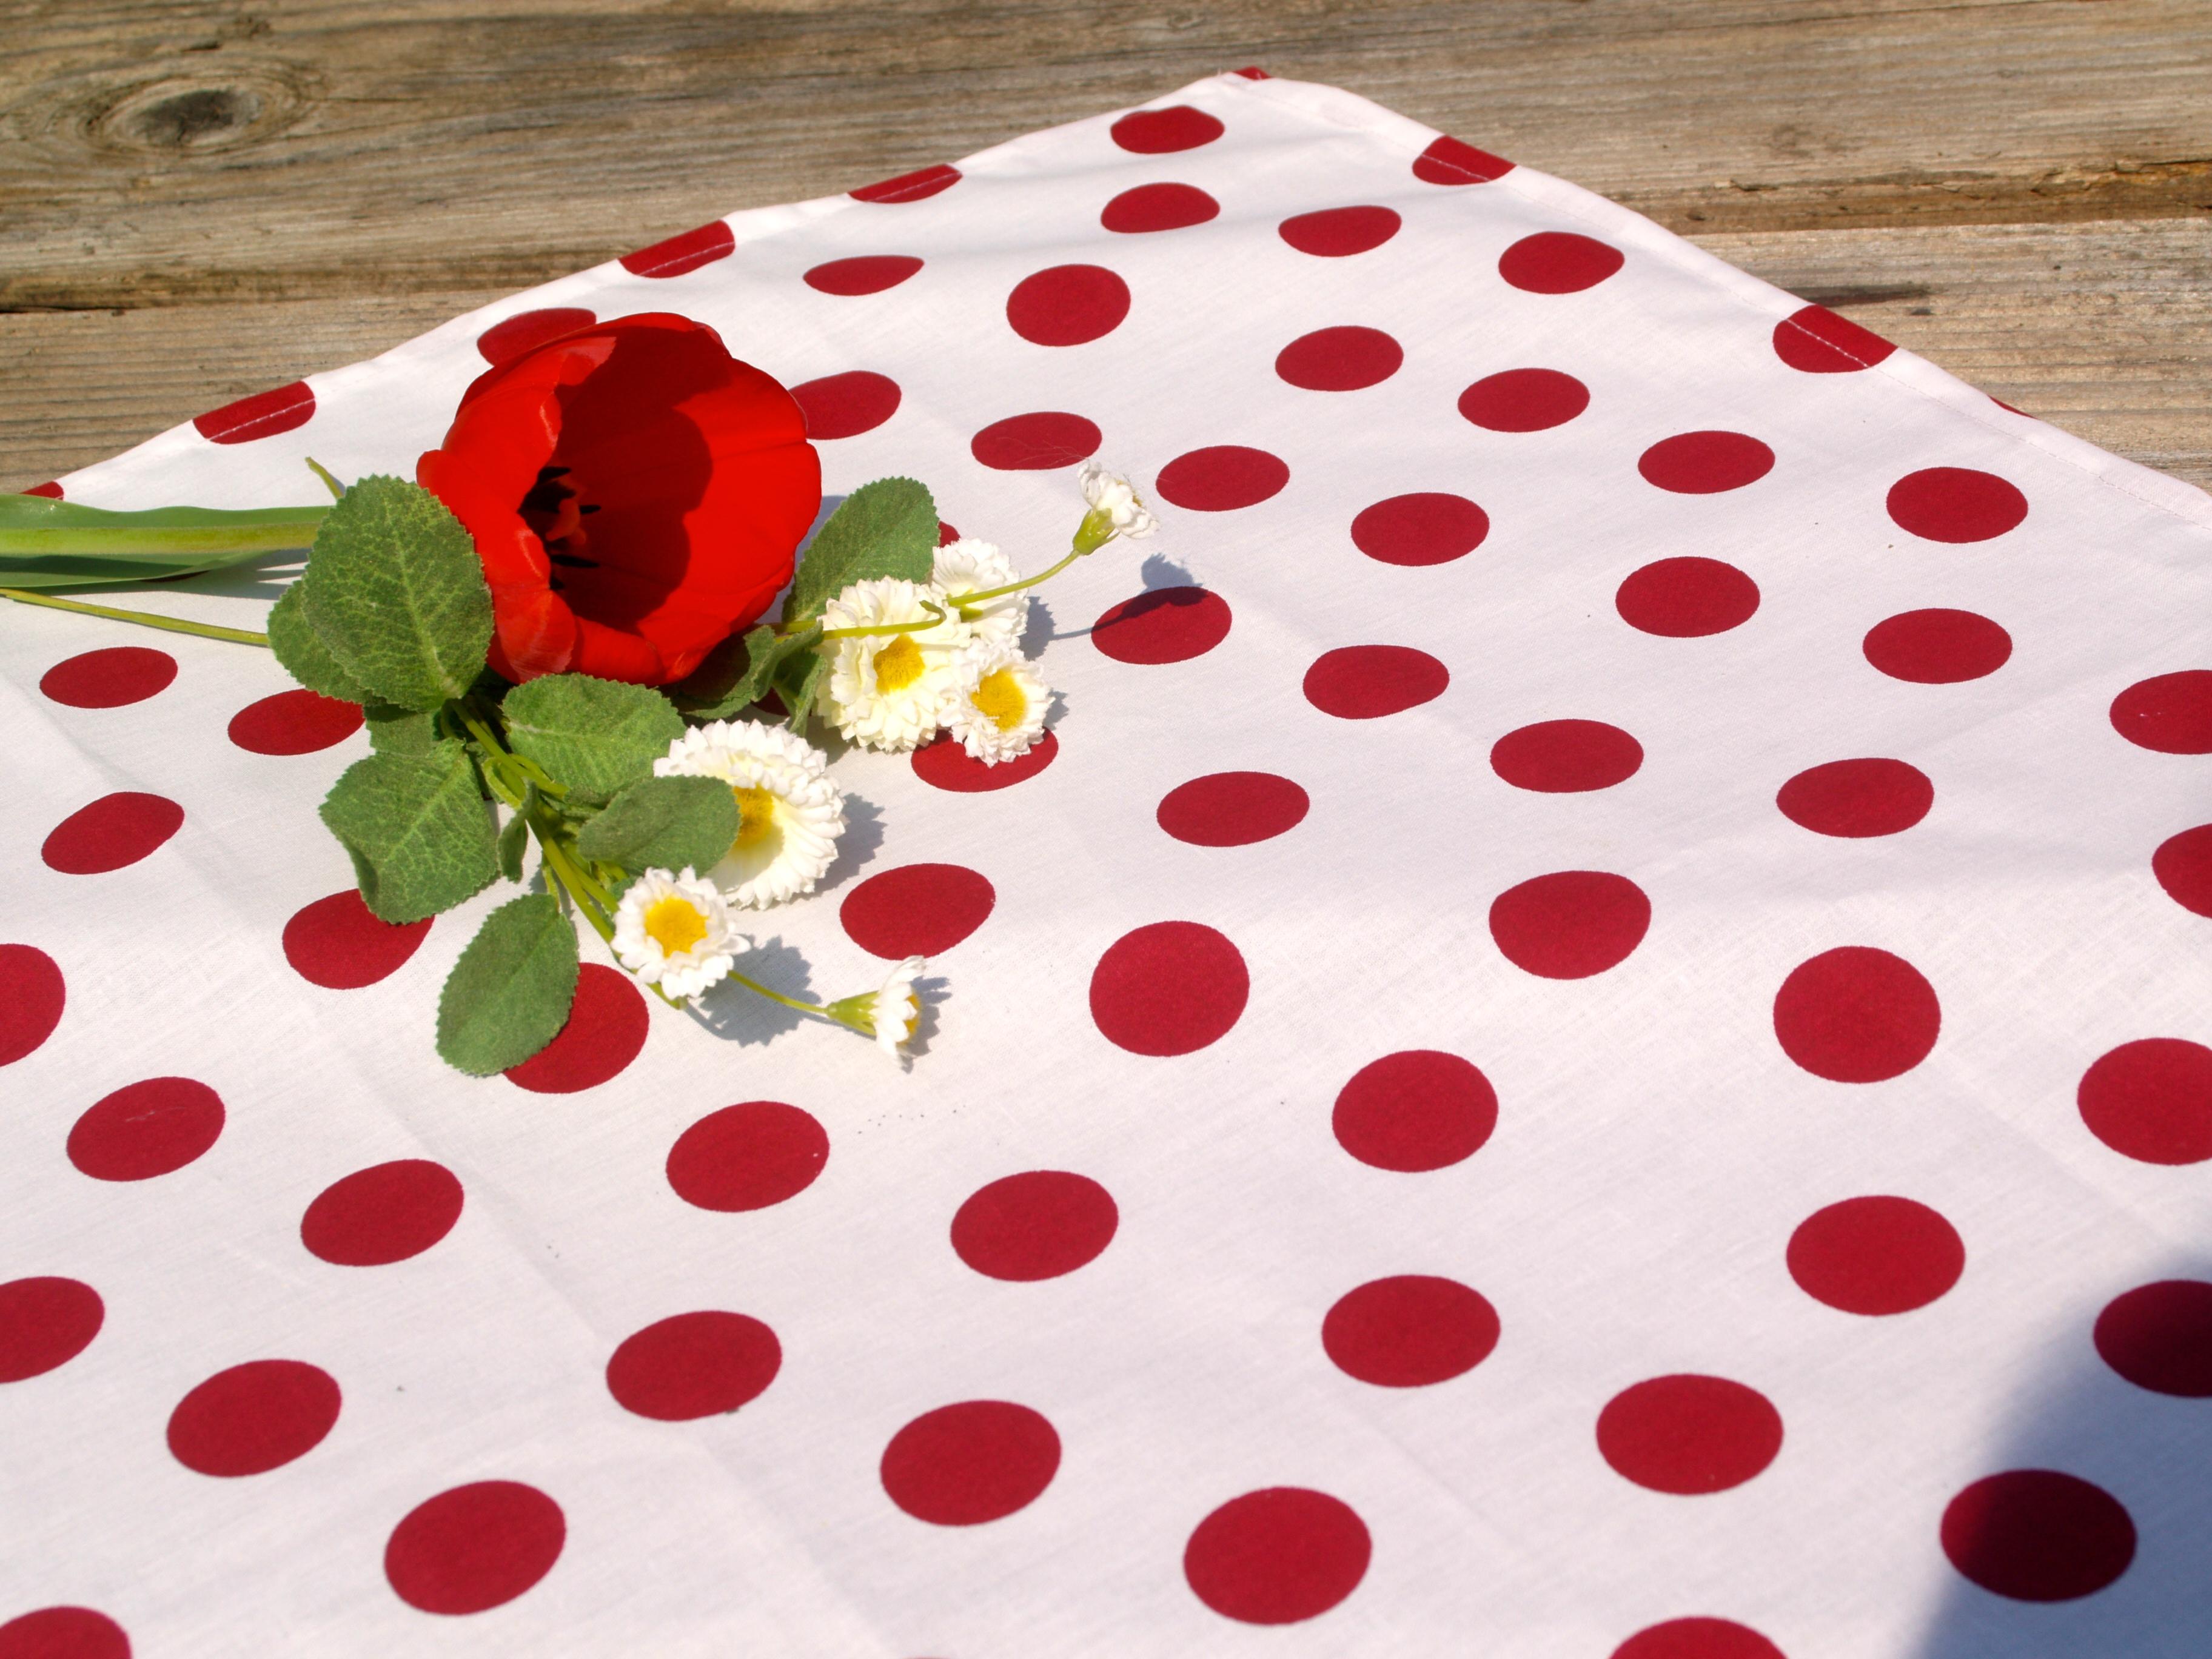 Piros terítő egyszínű pamut asztalközép Evidensbolt